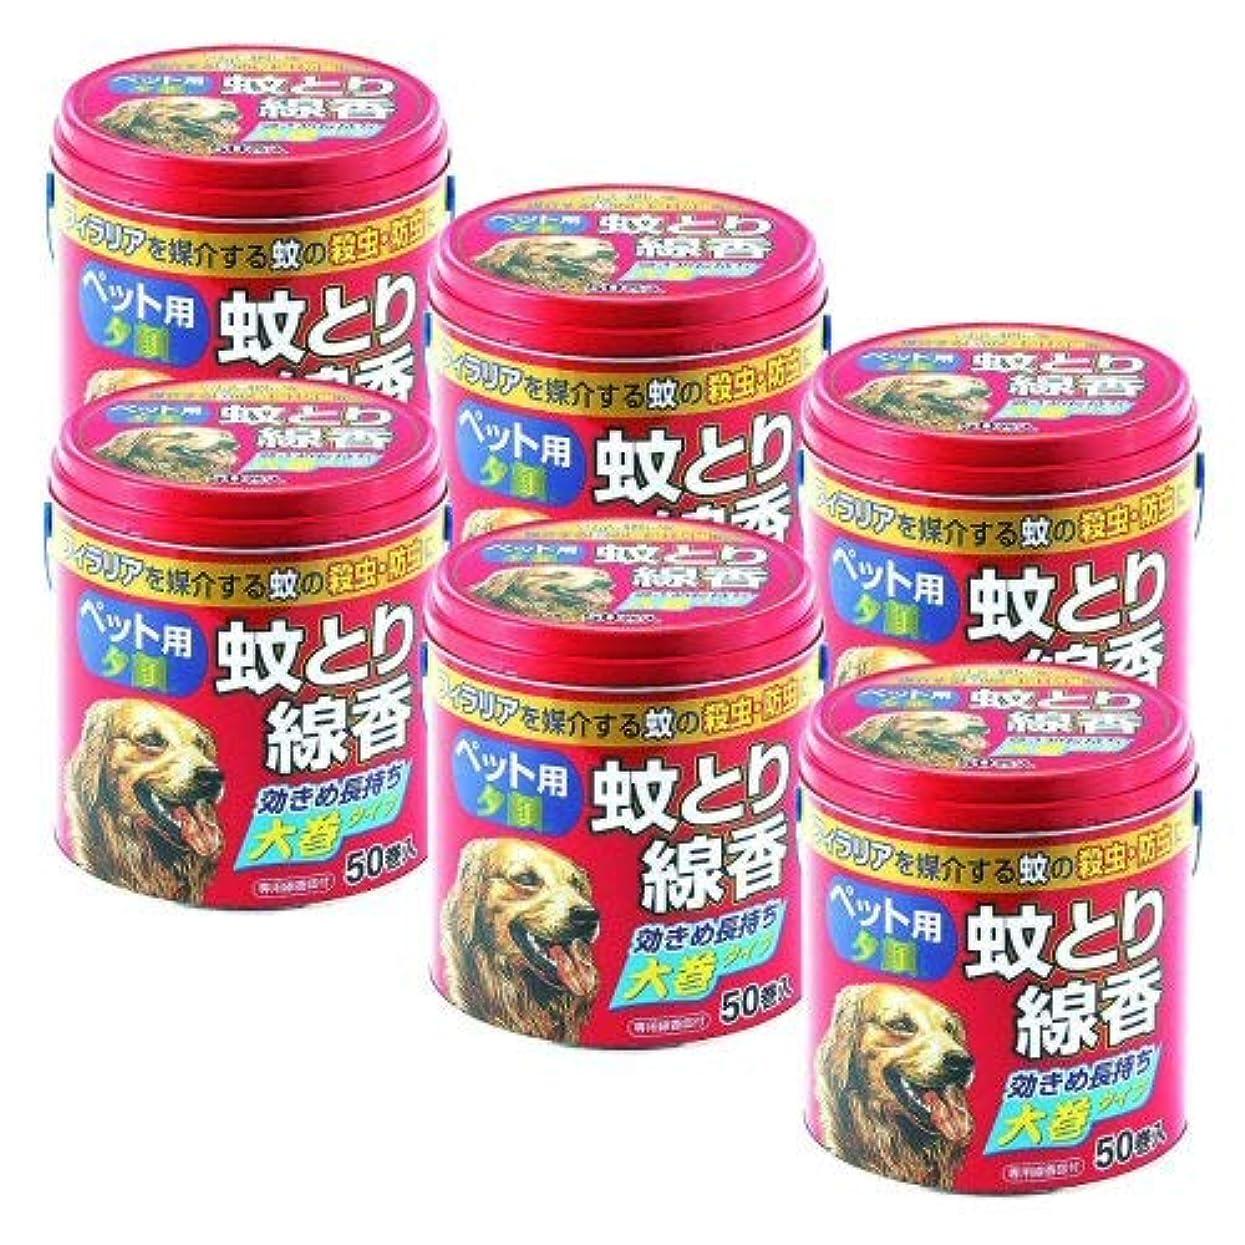 紀陽除虫菊 夕顔 ペット用蚊とり線香 缶入50巻×6個